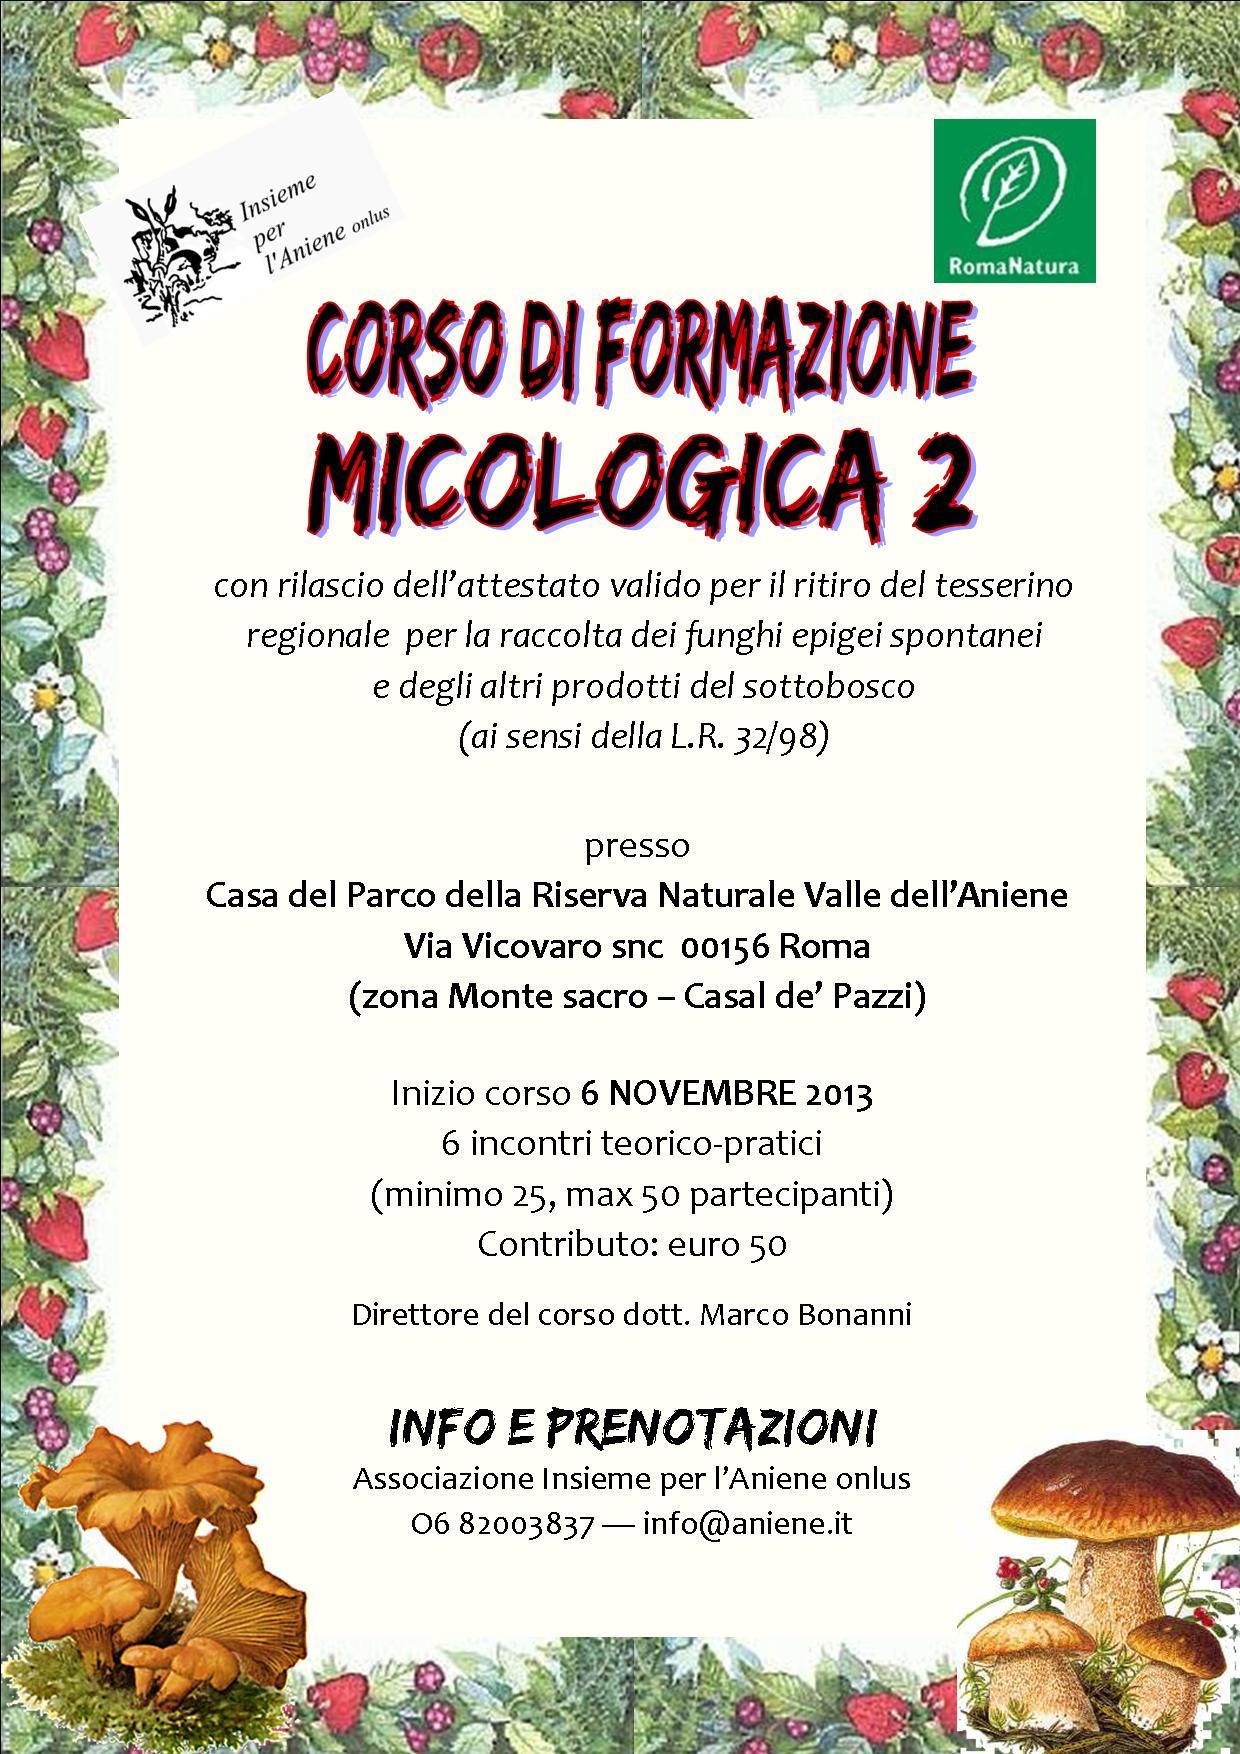 2-20 OTTOBRE 2013-CORSO di FORMAZIONE MICOLOGICA